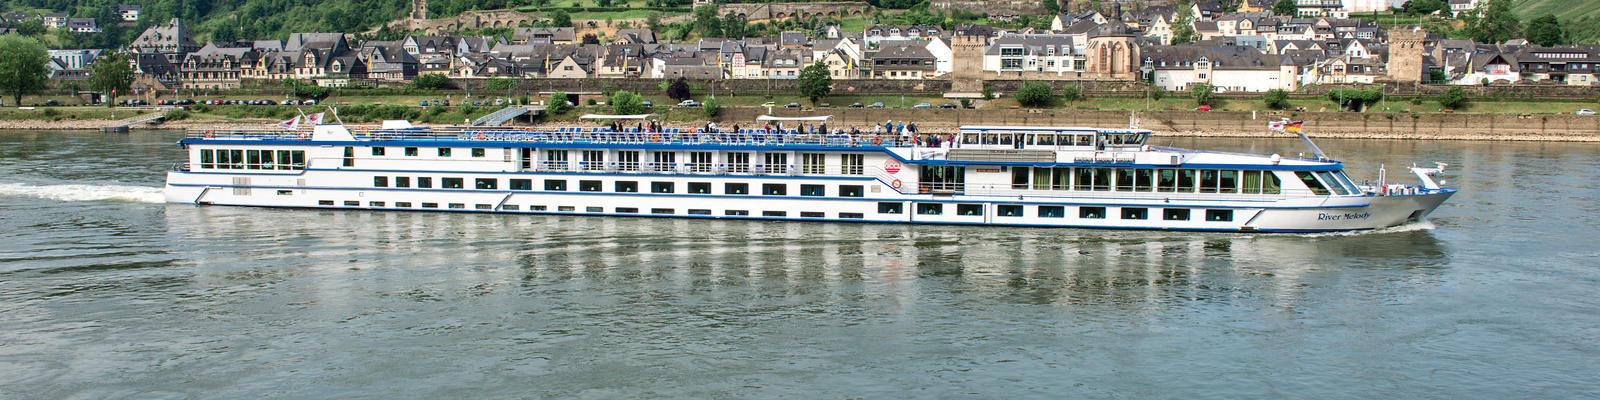 Grand Circle River Melody Cruise Ship Stats Review